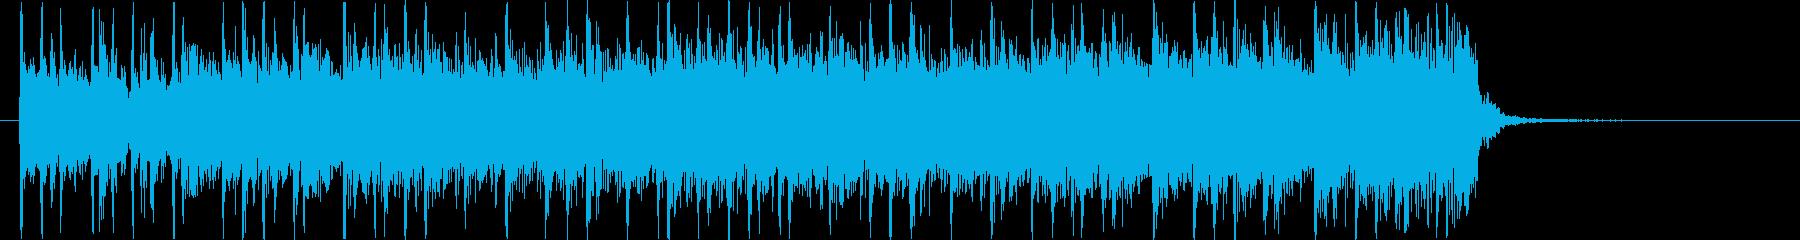 激しいドラムとシンセベースのロックBGMの再生済みの波形